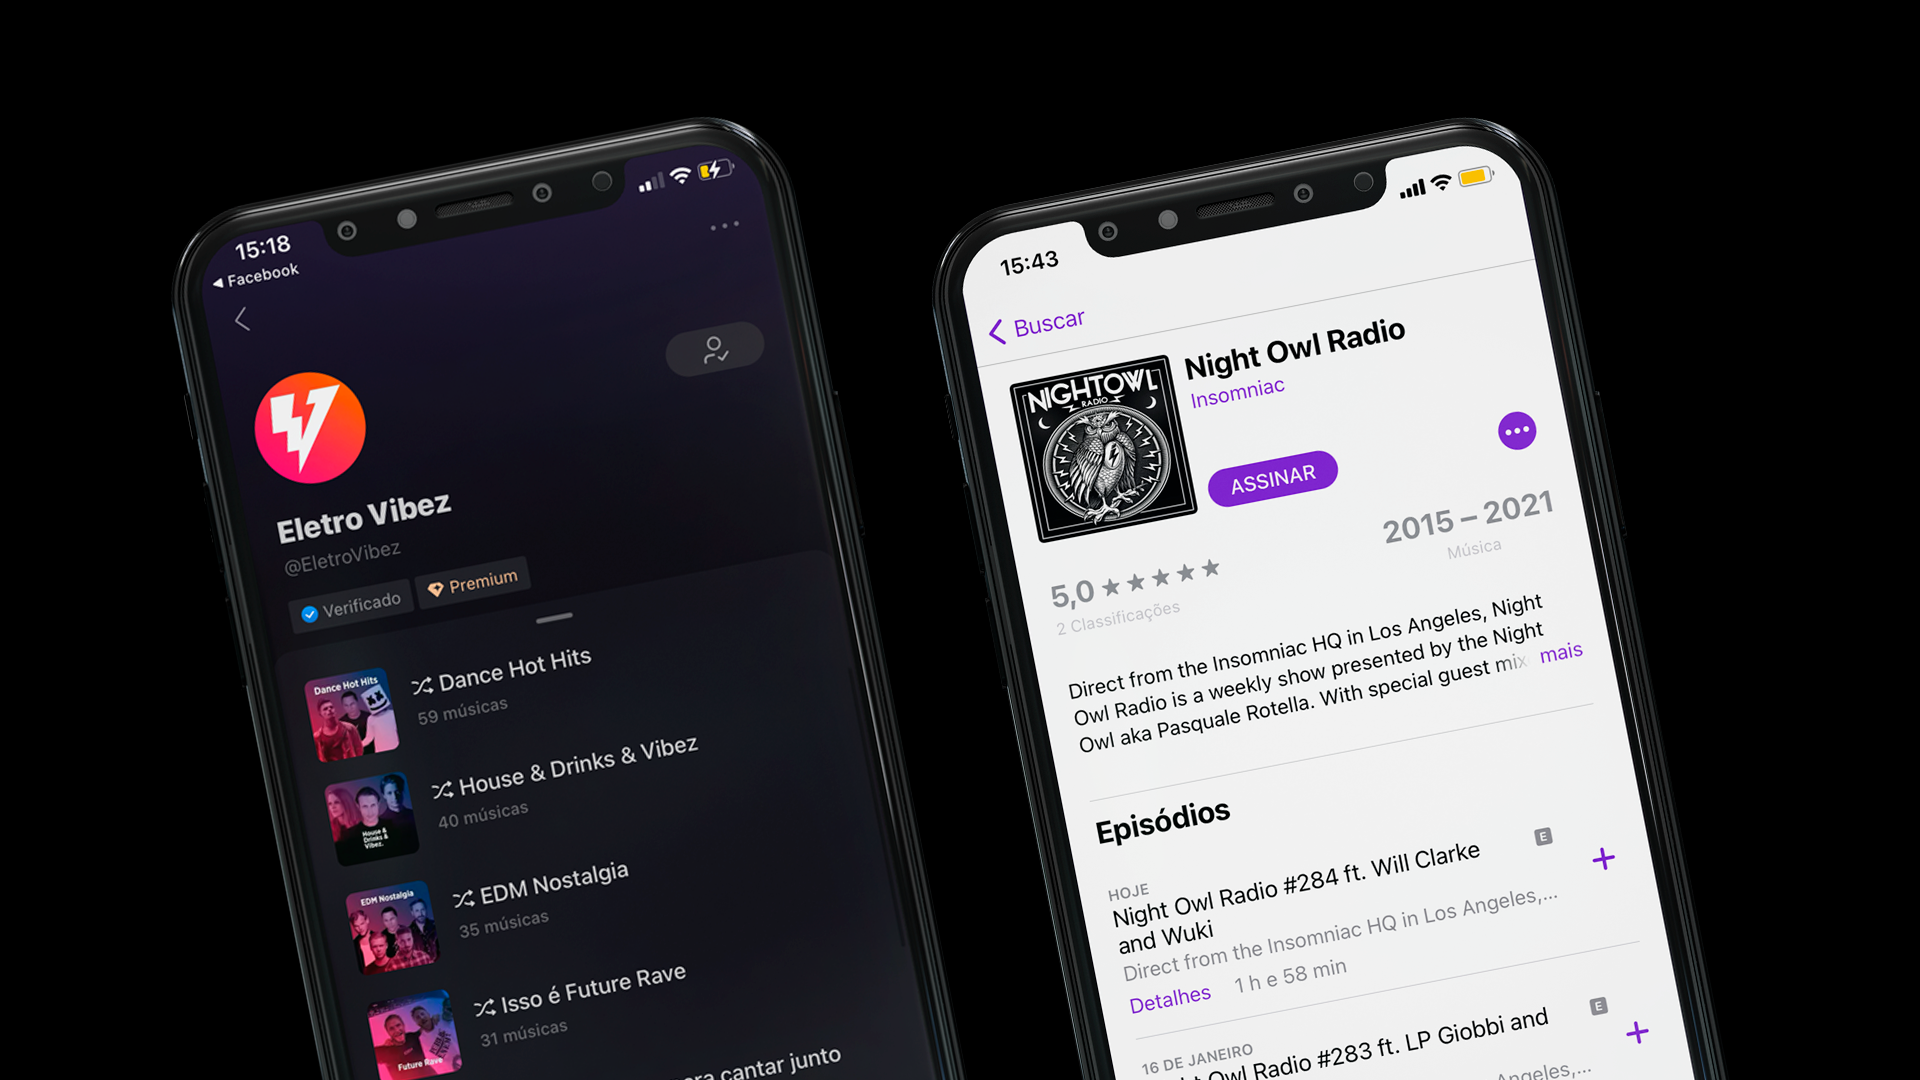 Consumir música eletrônica através de playlists e podcasts pode te ajudar a aprender novos idiomas